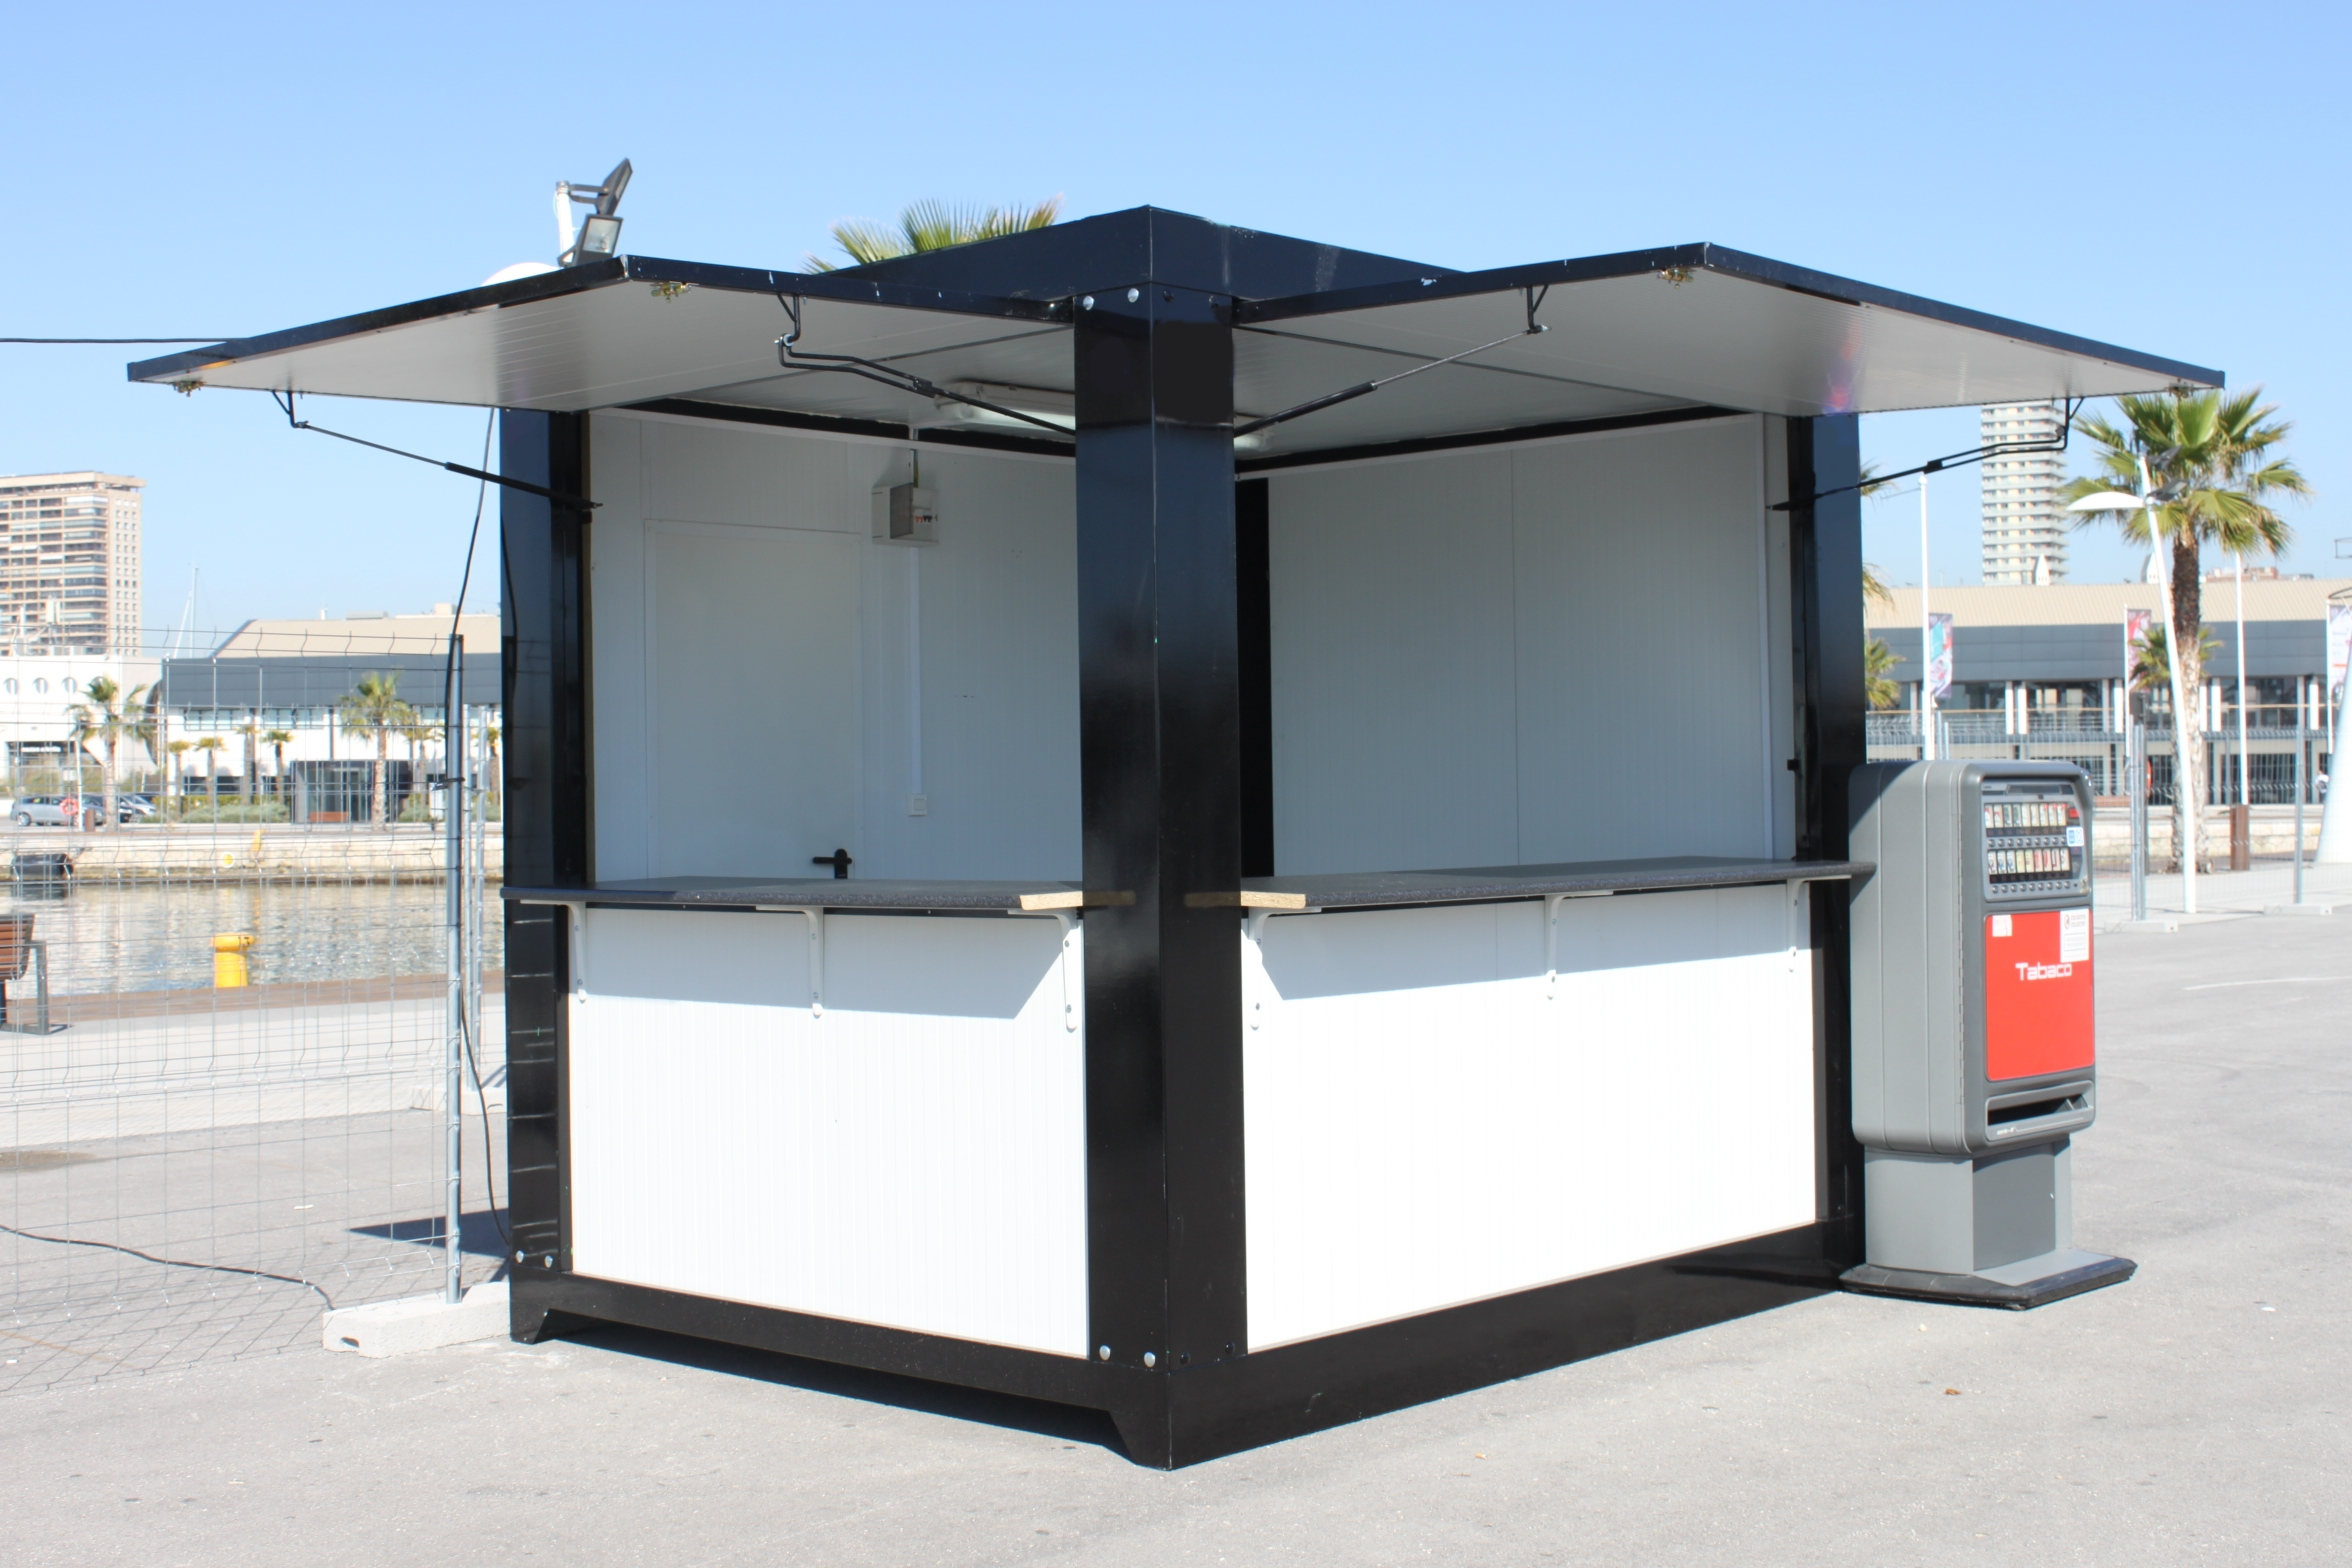 Alquiler de casetas bar o kiosko infraestructura para for Como fabricar un kiosco de madera